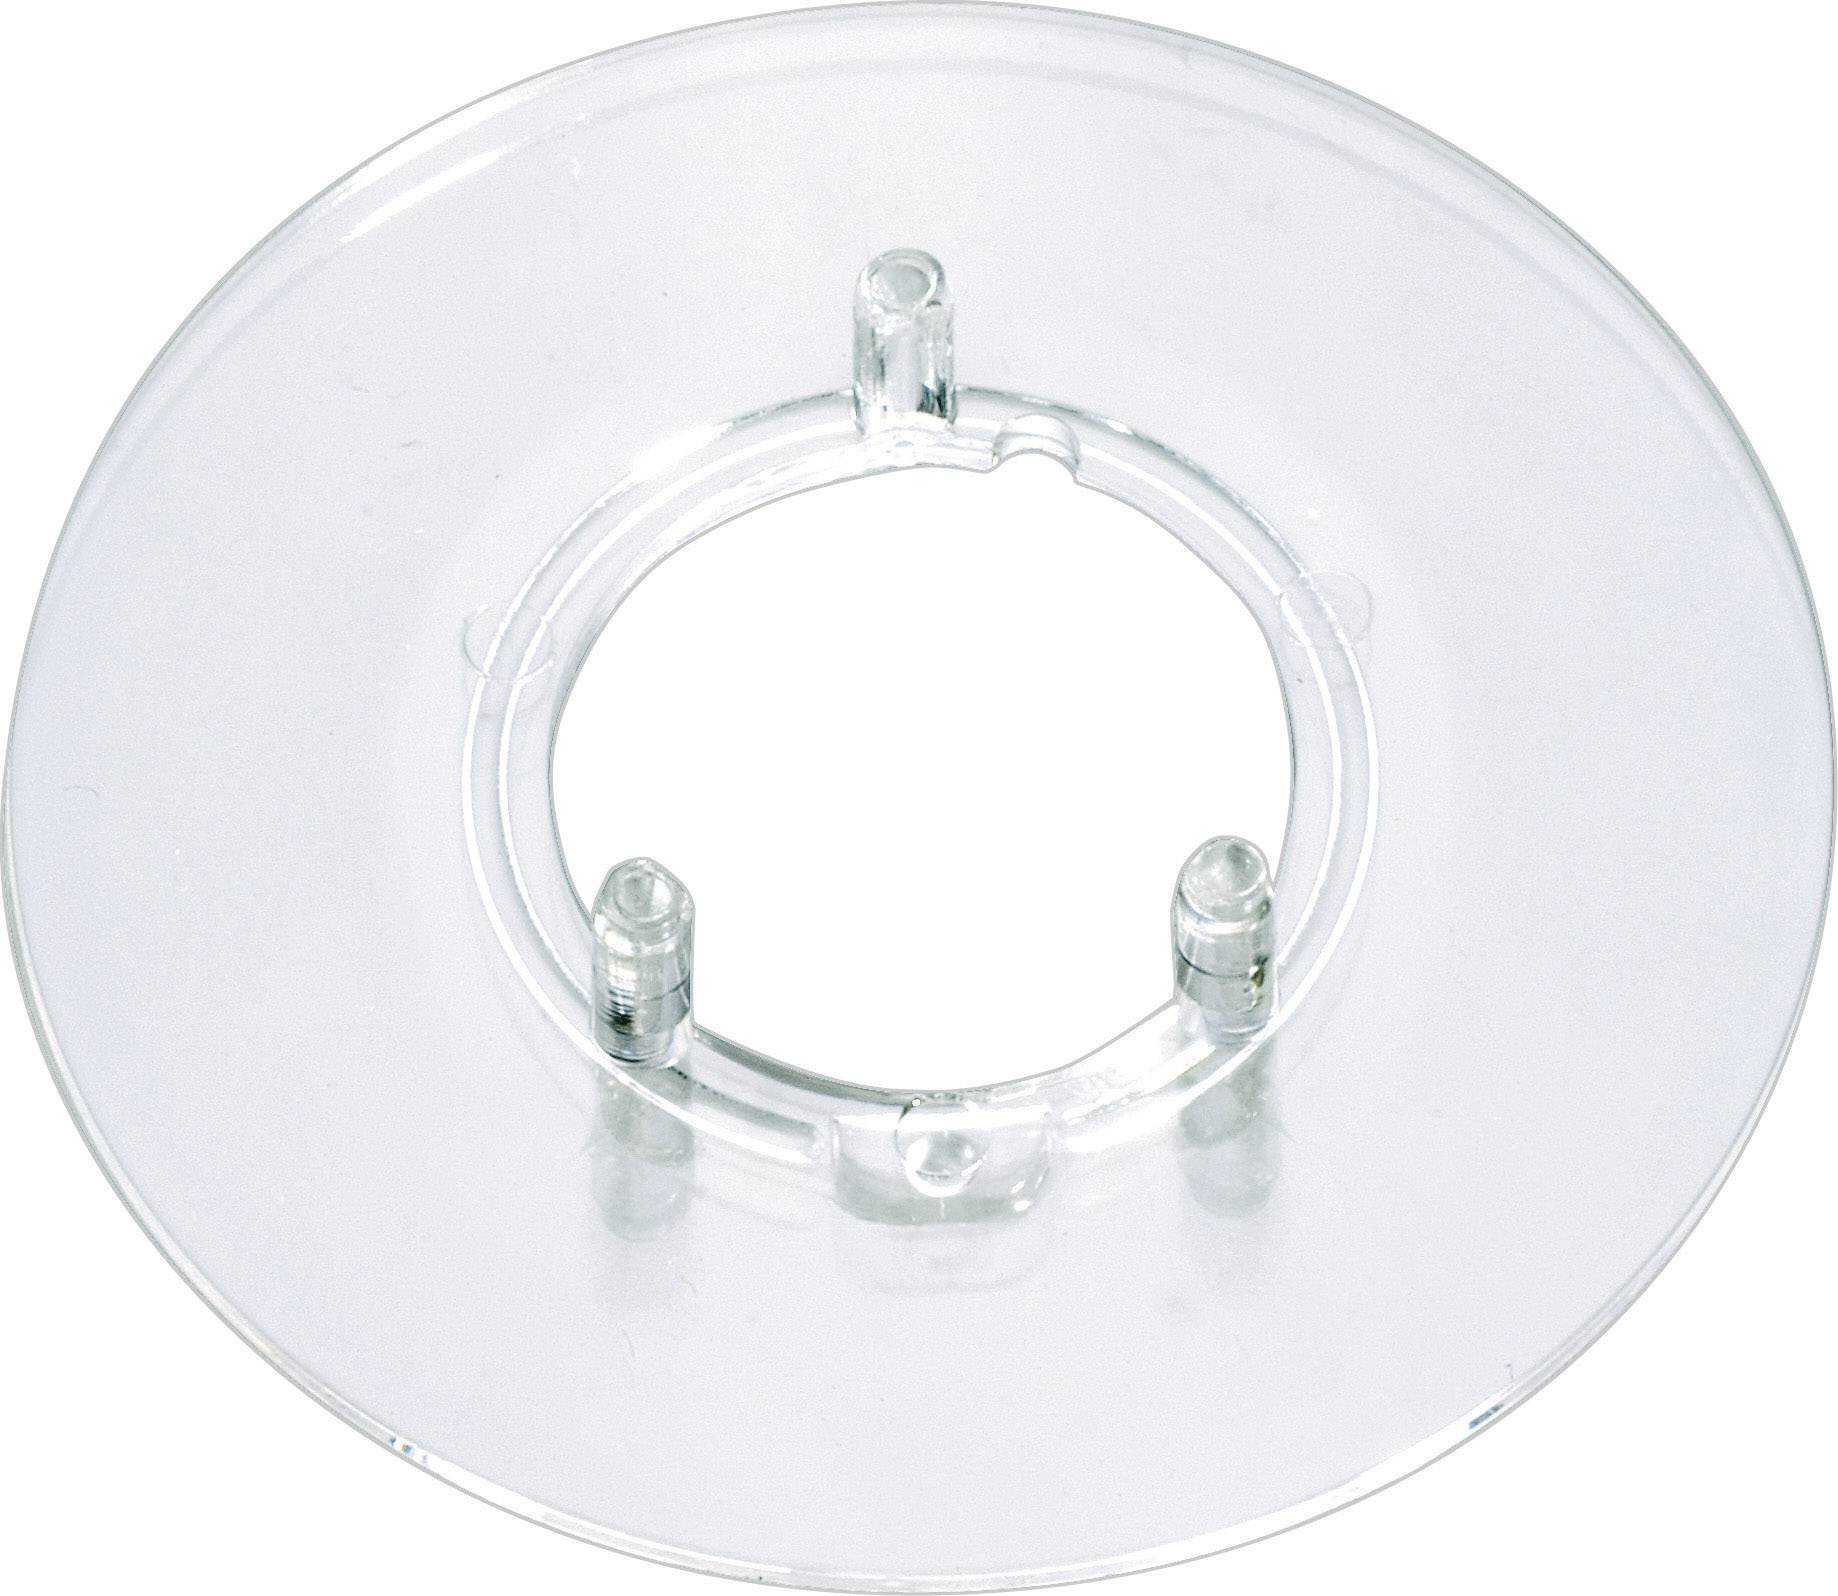 Kruhová stupnice bez označení OKW, vhodná pro knoflík Ø 10 mm, transparentní